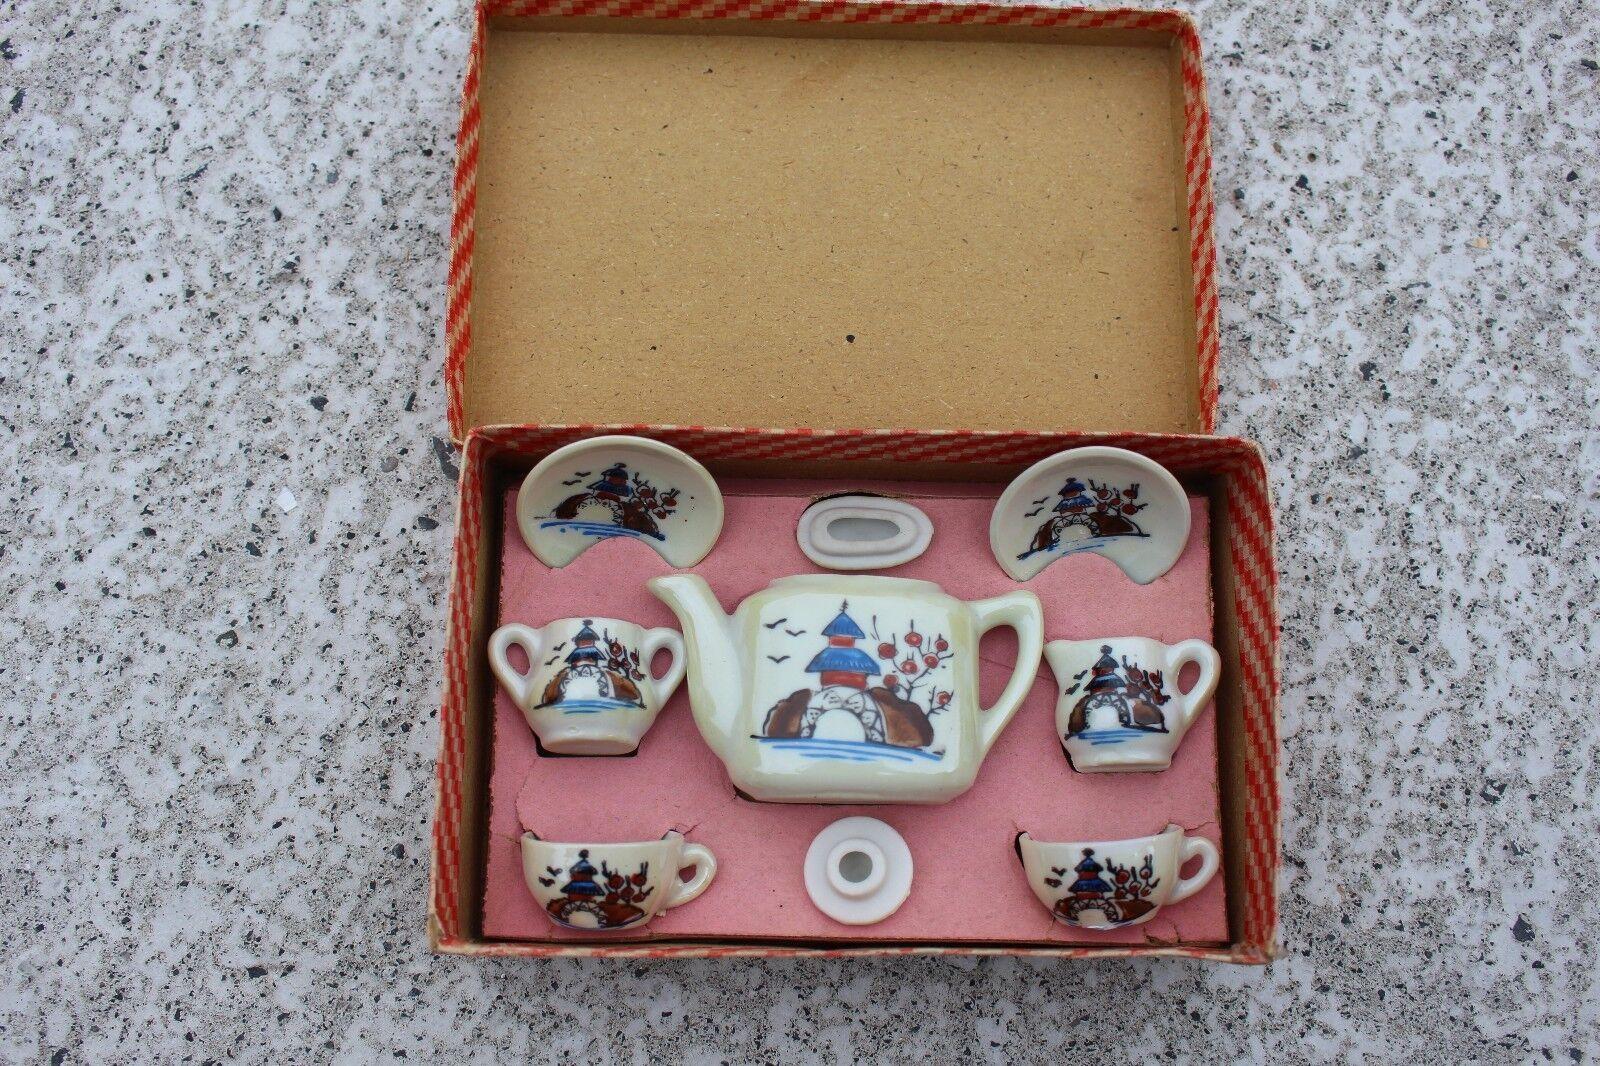 Juguete Antiguo de mediados de siglo Juego De Té De Porcelana Japonesa En Caja Auténtica